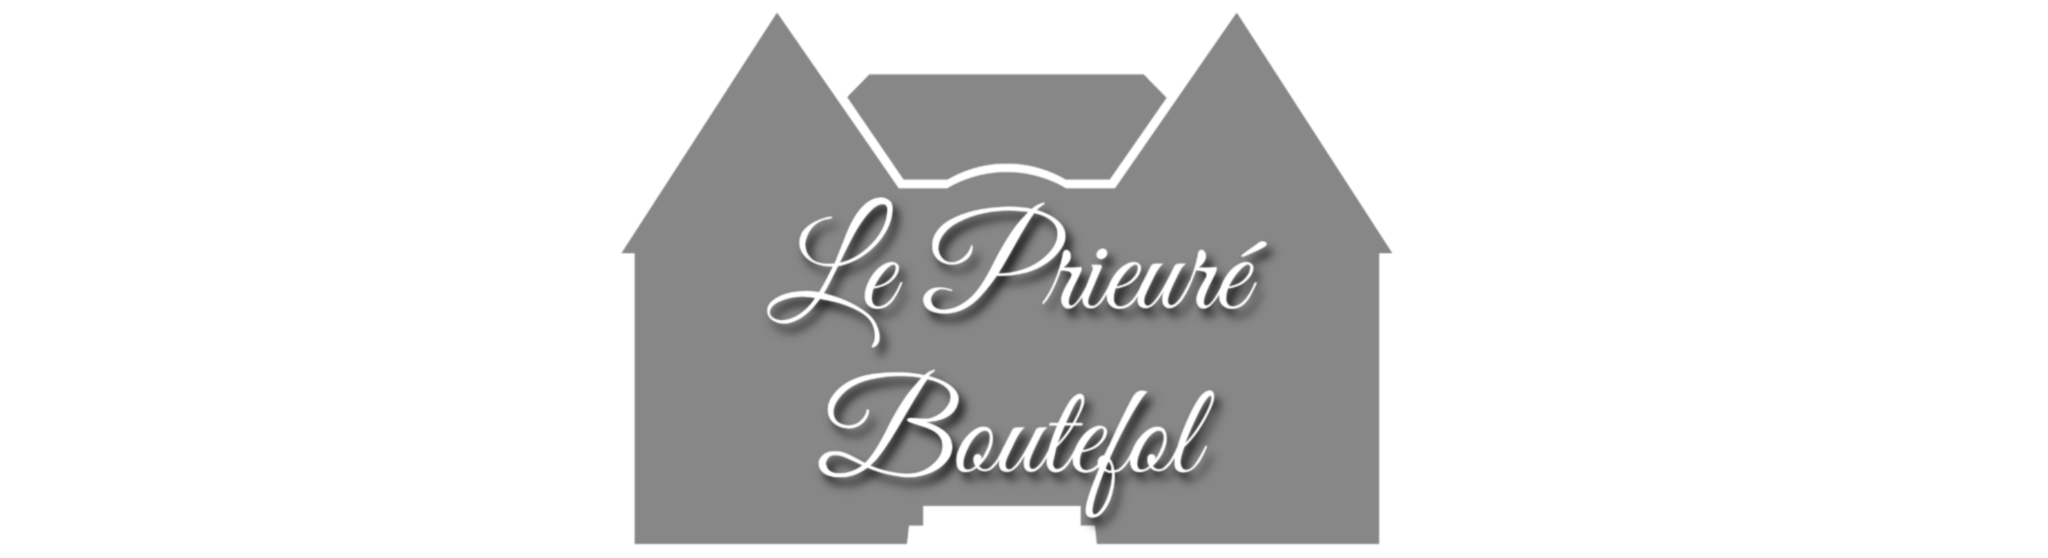 Maison d'hôtes du Prieuré Boutefol